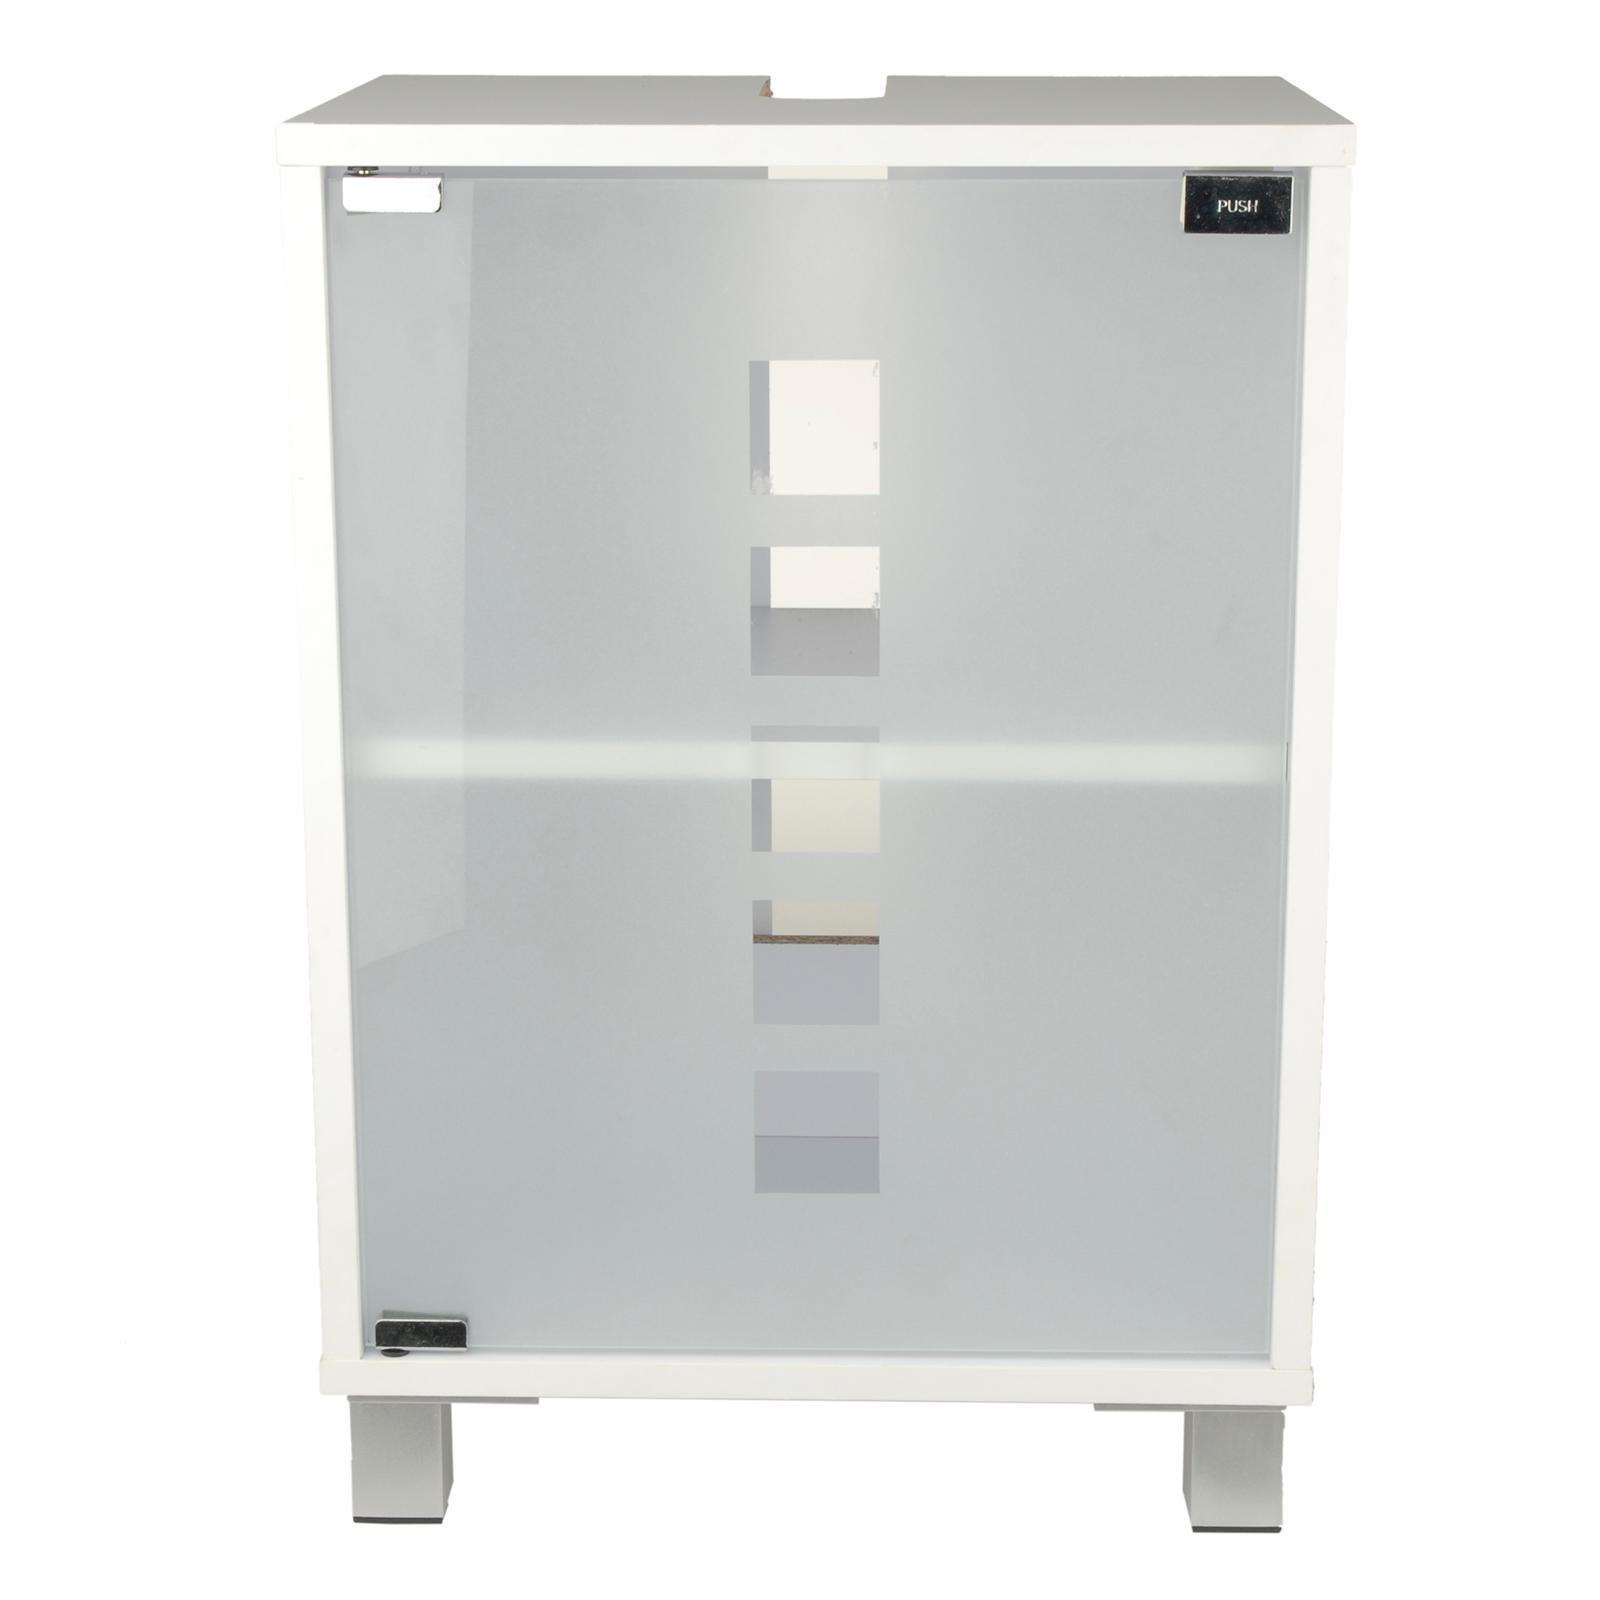 Waschtischunterschrank holz weiß  Waschtischunterschrank mit Glastür Holz weiß 30 x 40 x 56 cm ...